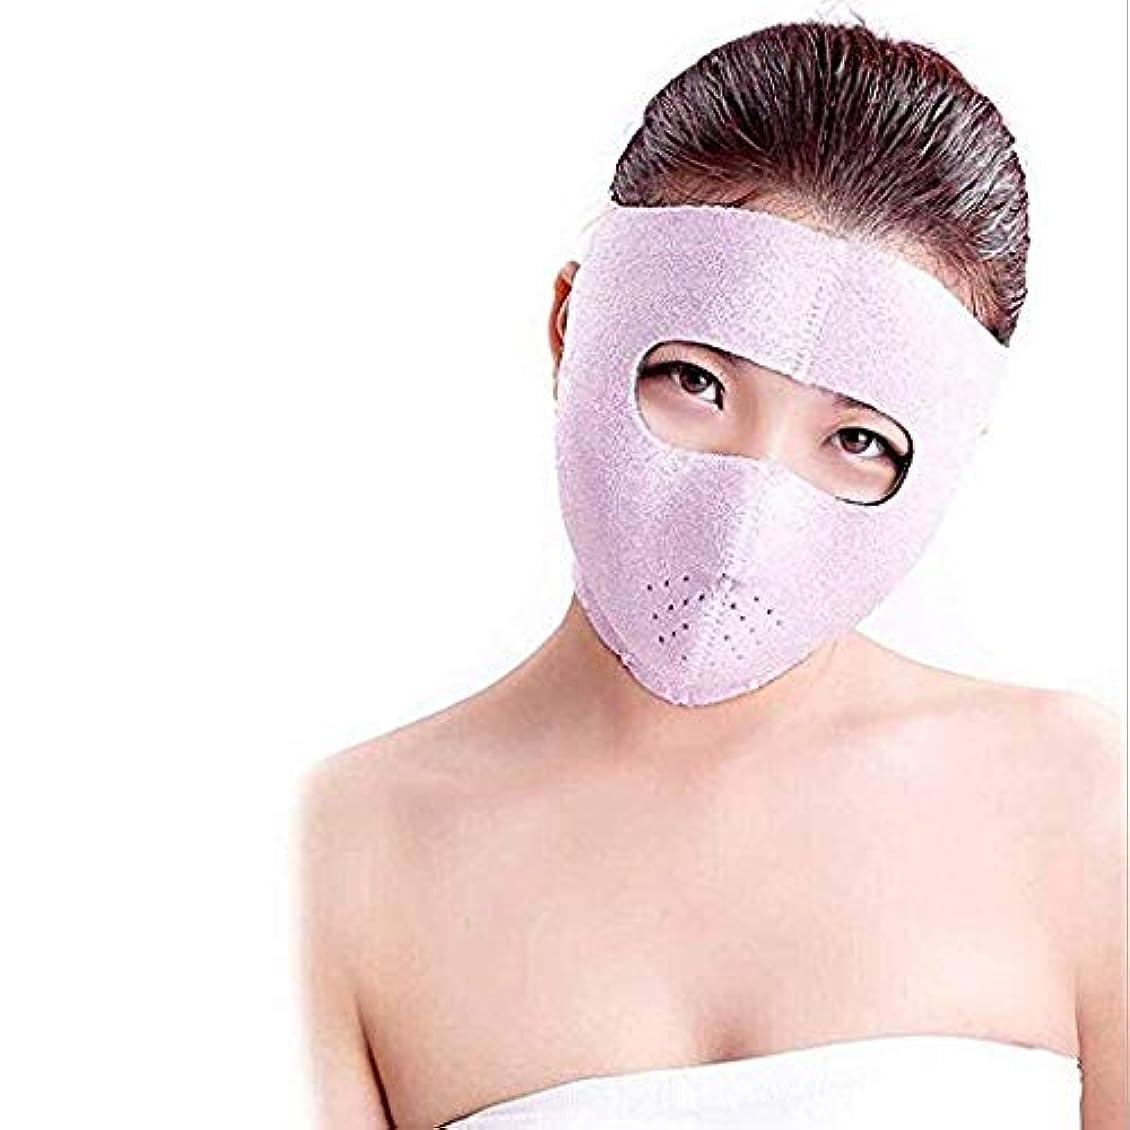 持つ書店科学者小顔ベルト 薄い顔ベルト マスク 矯正 美顔 顔痩せ 日焼け防止 全顔カバー レディ 防尘 通気性 顔保護 顔美容 全顔包帯 耳かけ 全顔 日遮る 額かばう フェイスパック